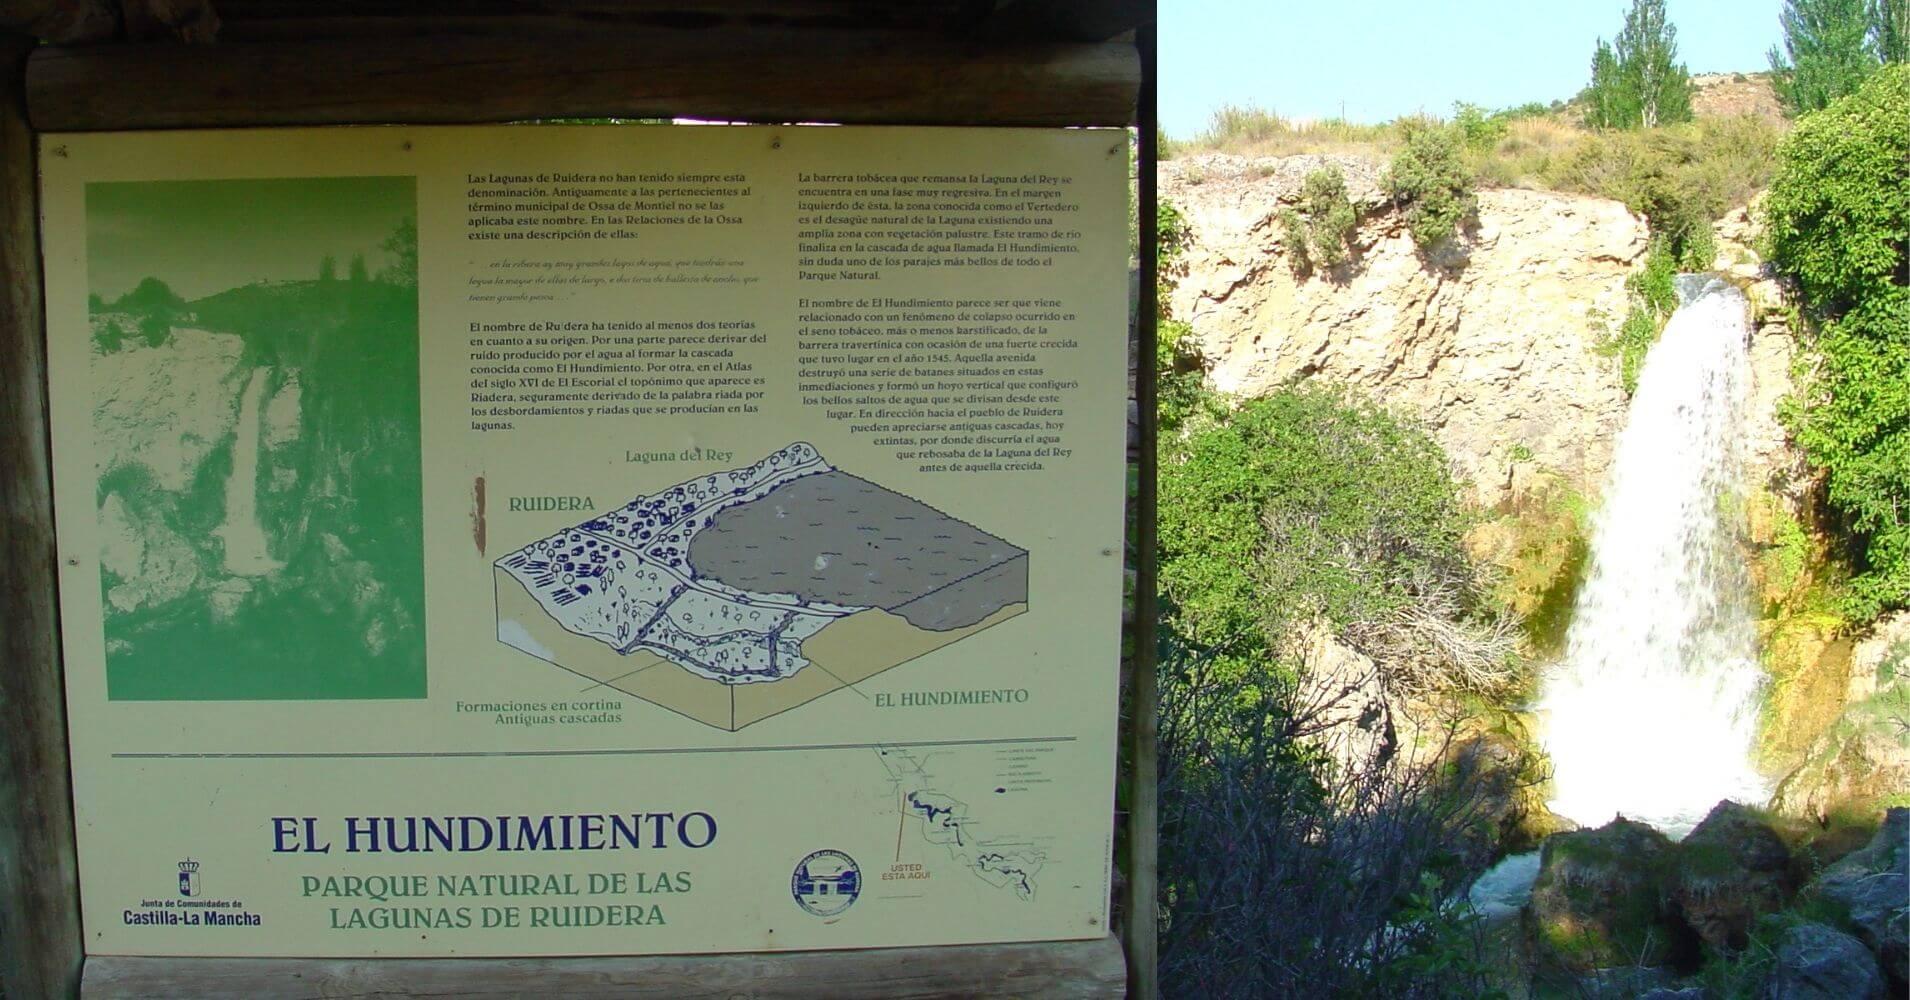 El Hundimiento. Parque Natural Lagunas de Ruidera. Ciudad Real, Albacete. Castilla la Mancha.